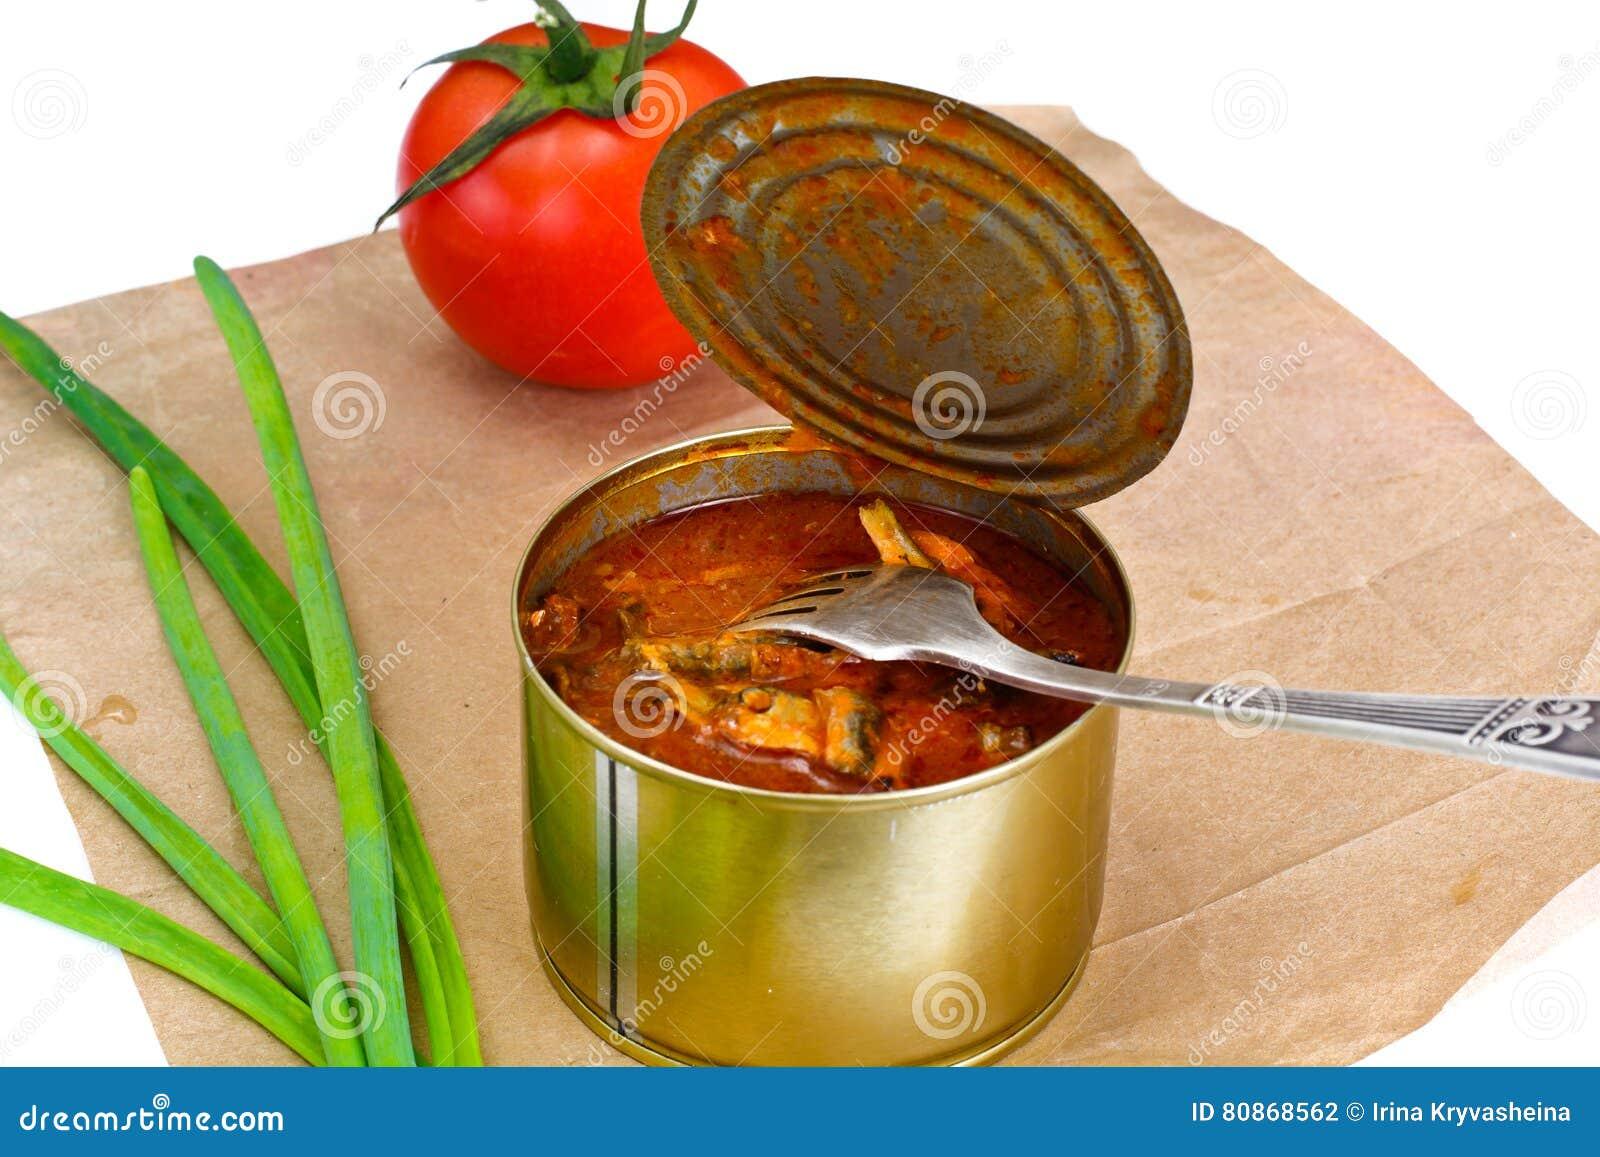 Fish sprat soup in tomato sauce: a recipe 83